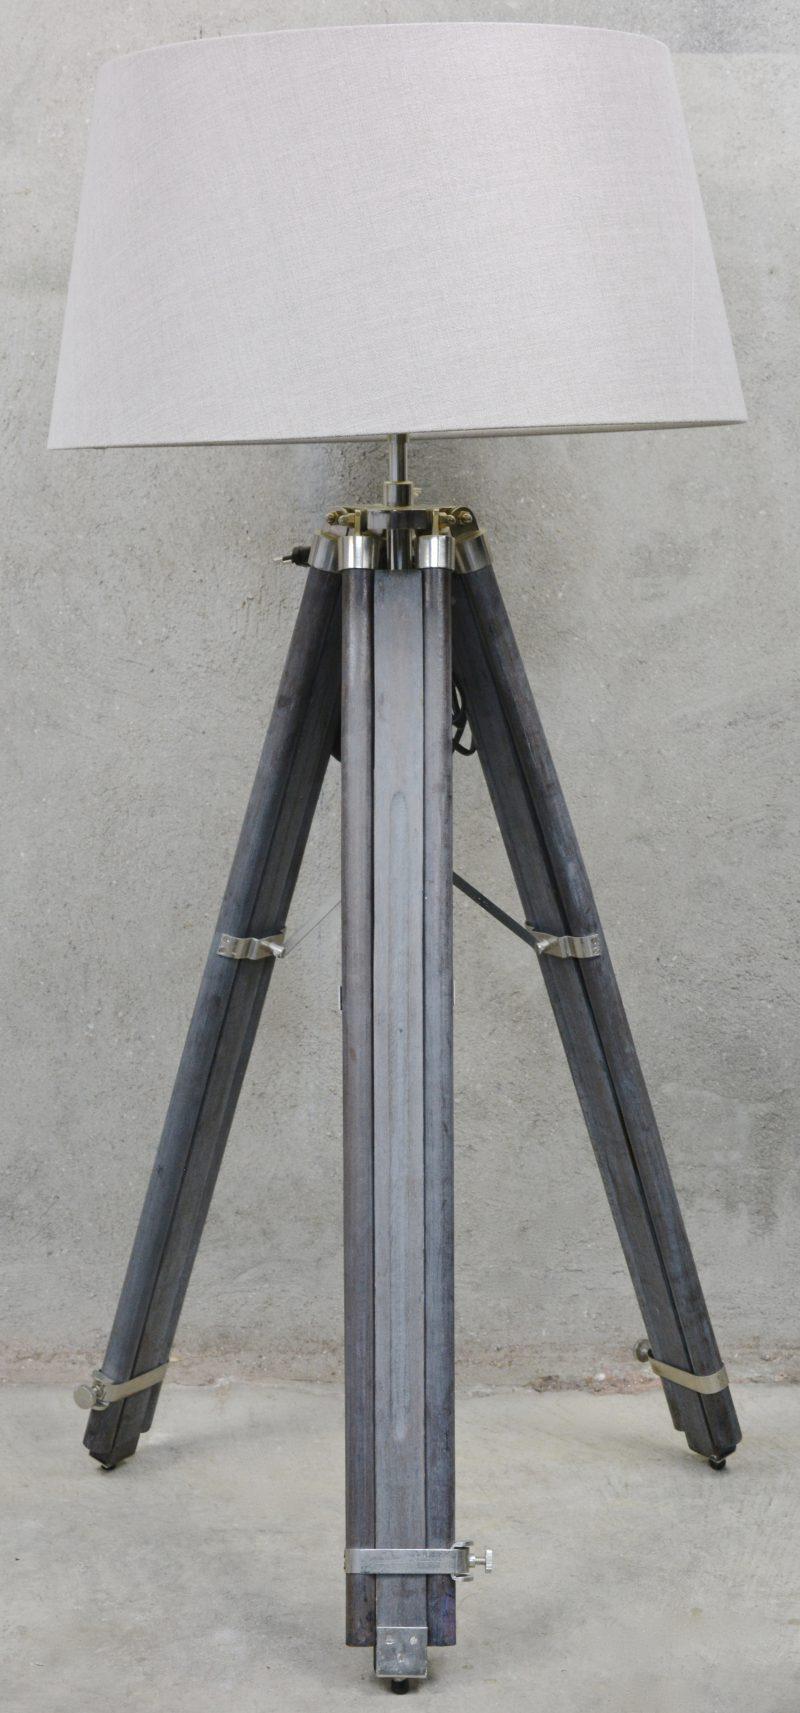 Een staande lamp, de voet opgebouwd uit een grijsgepatineerd uitschuifbaar statief.